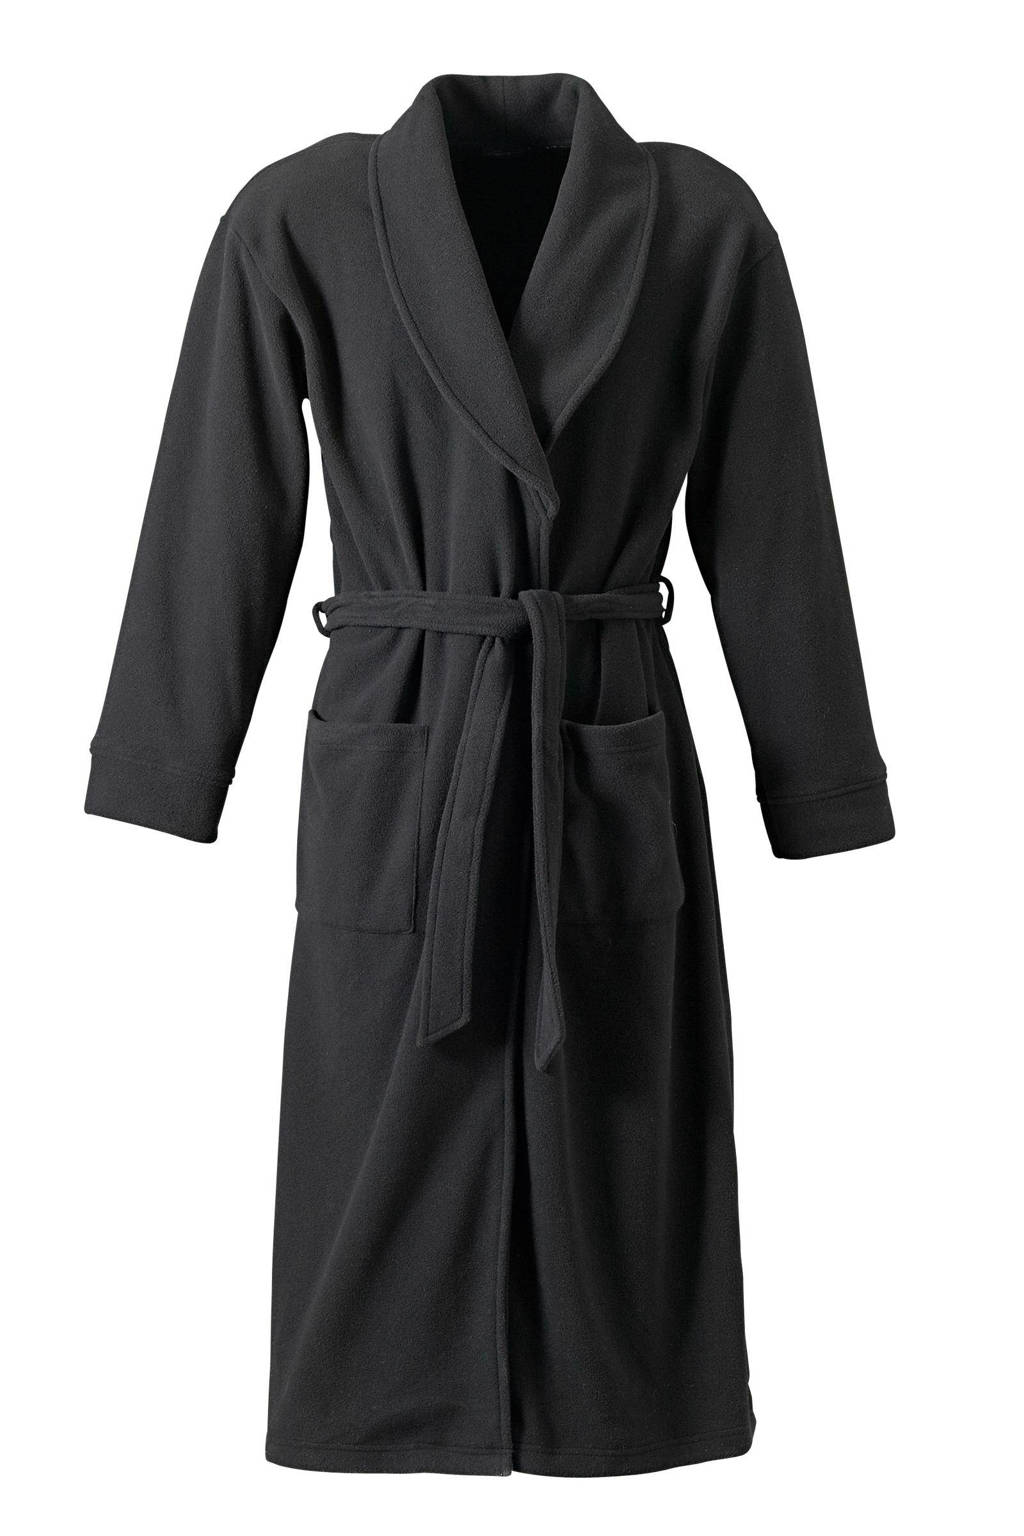 Union River fleece badjas zwart, Zwart